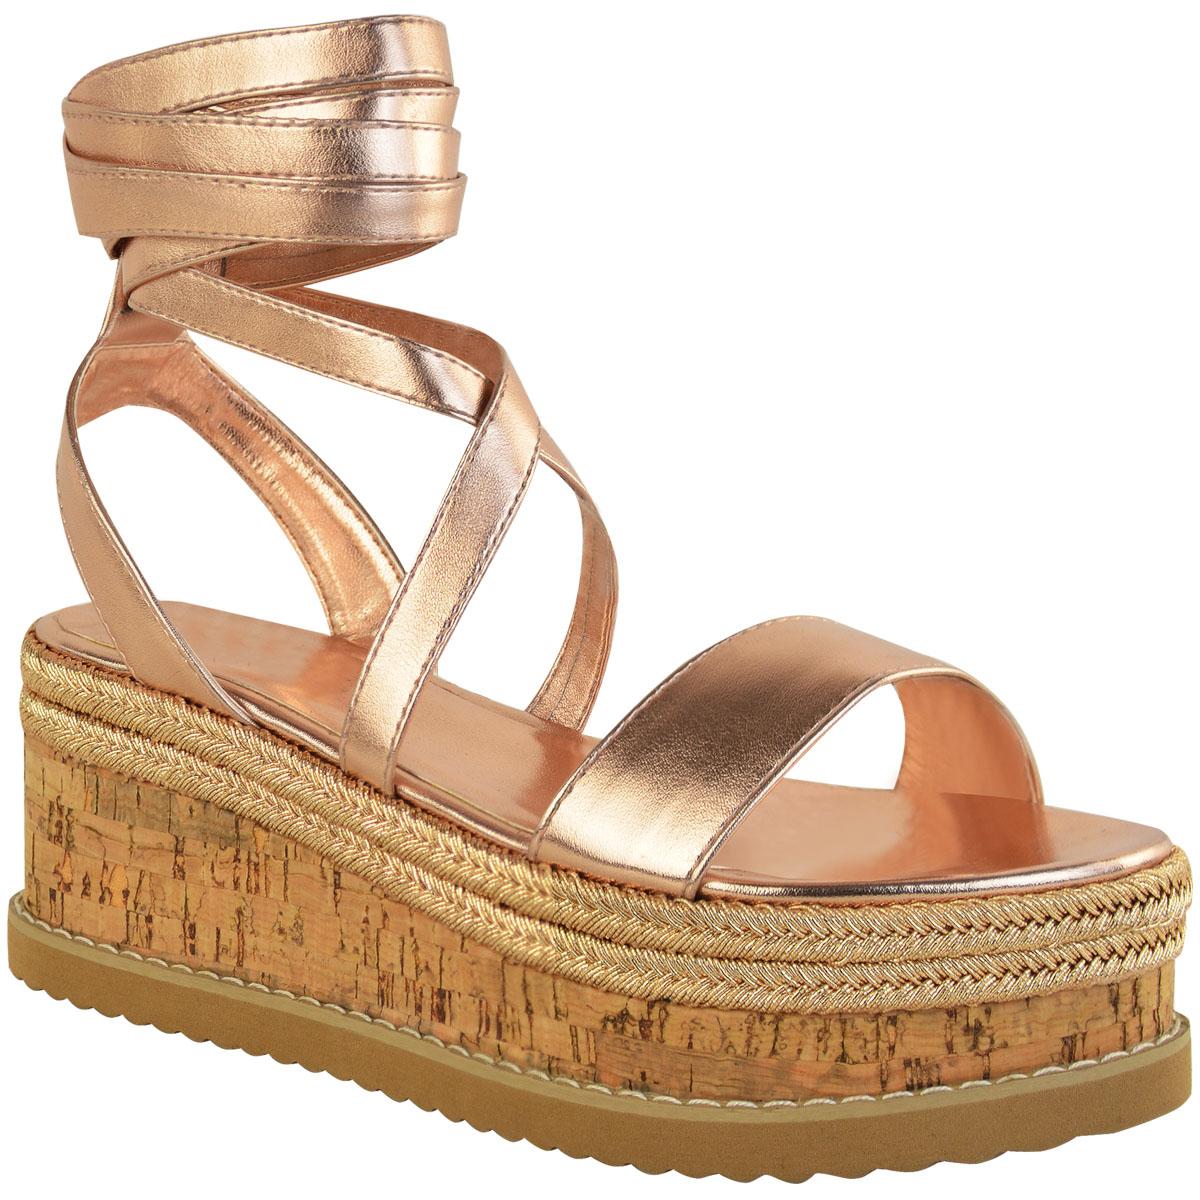 Womens Ladies Flat Wedge Diamante Sandals Lace Tie Up Platform Espadrille Shoes